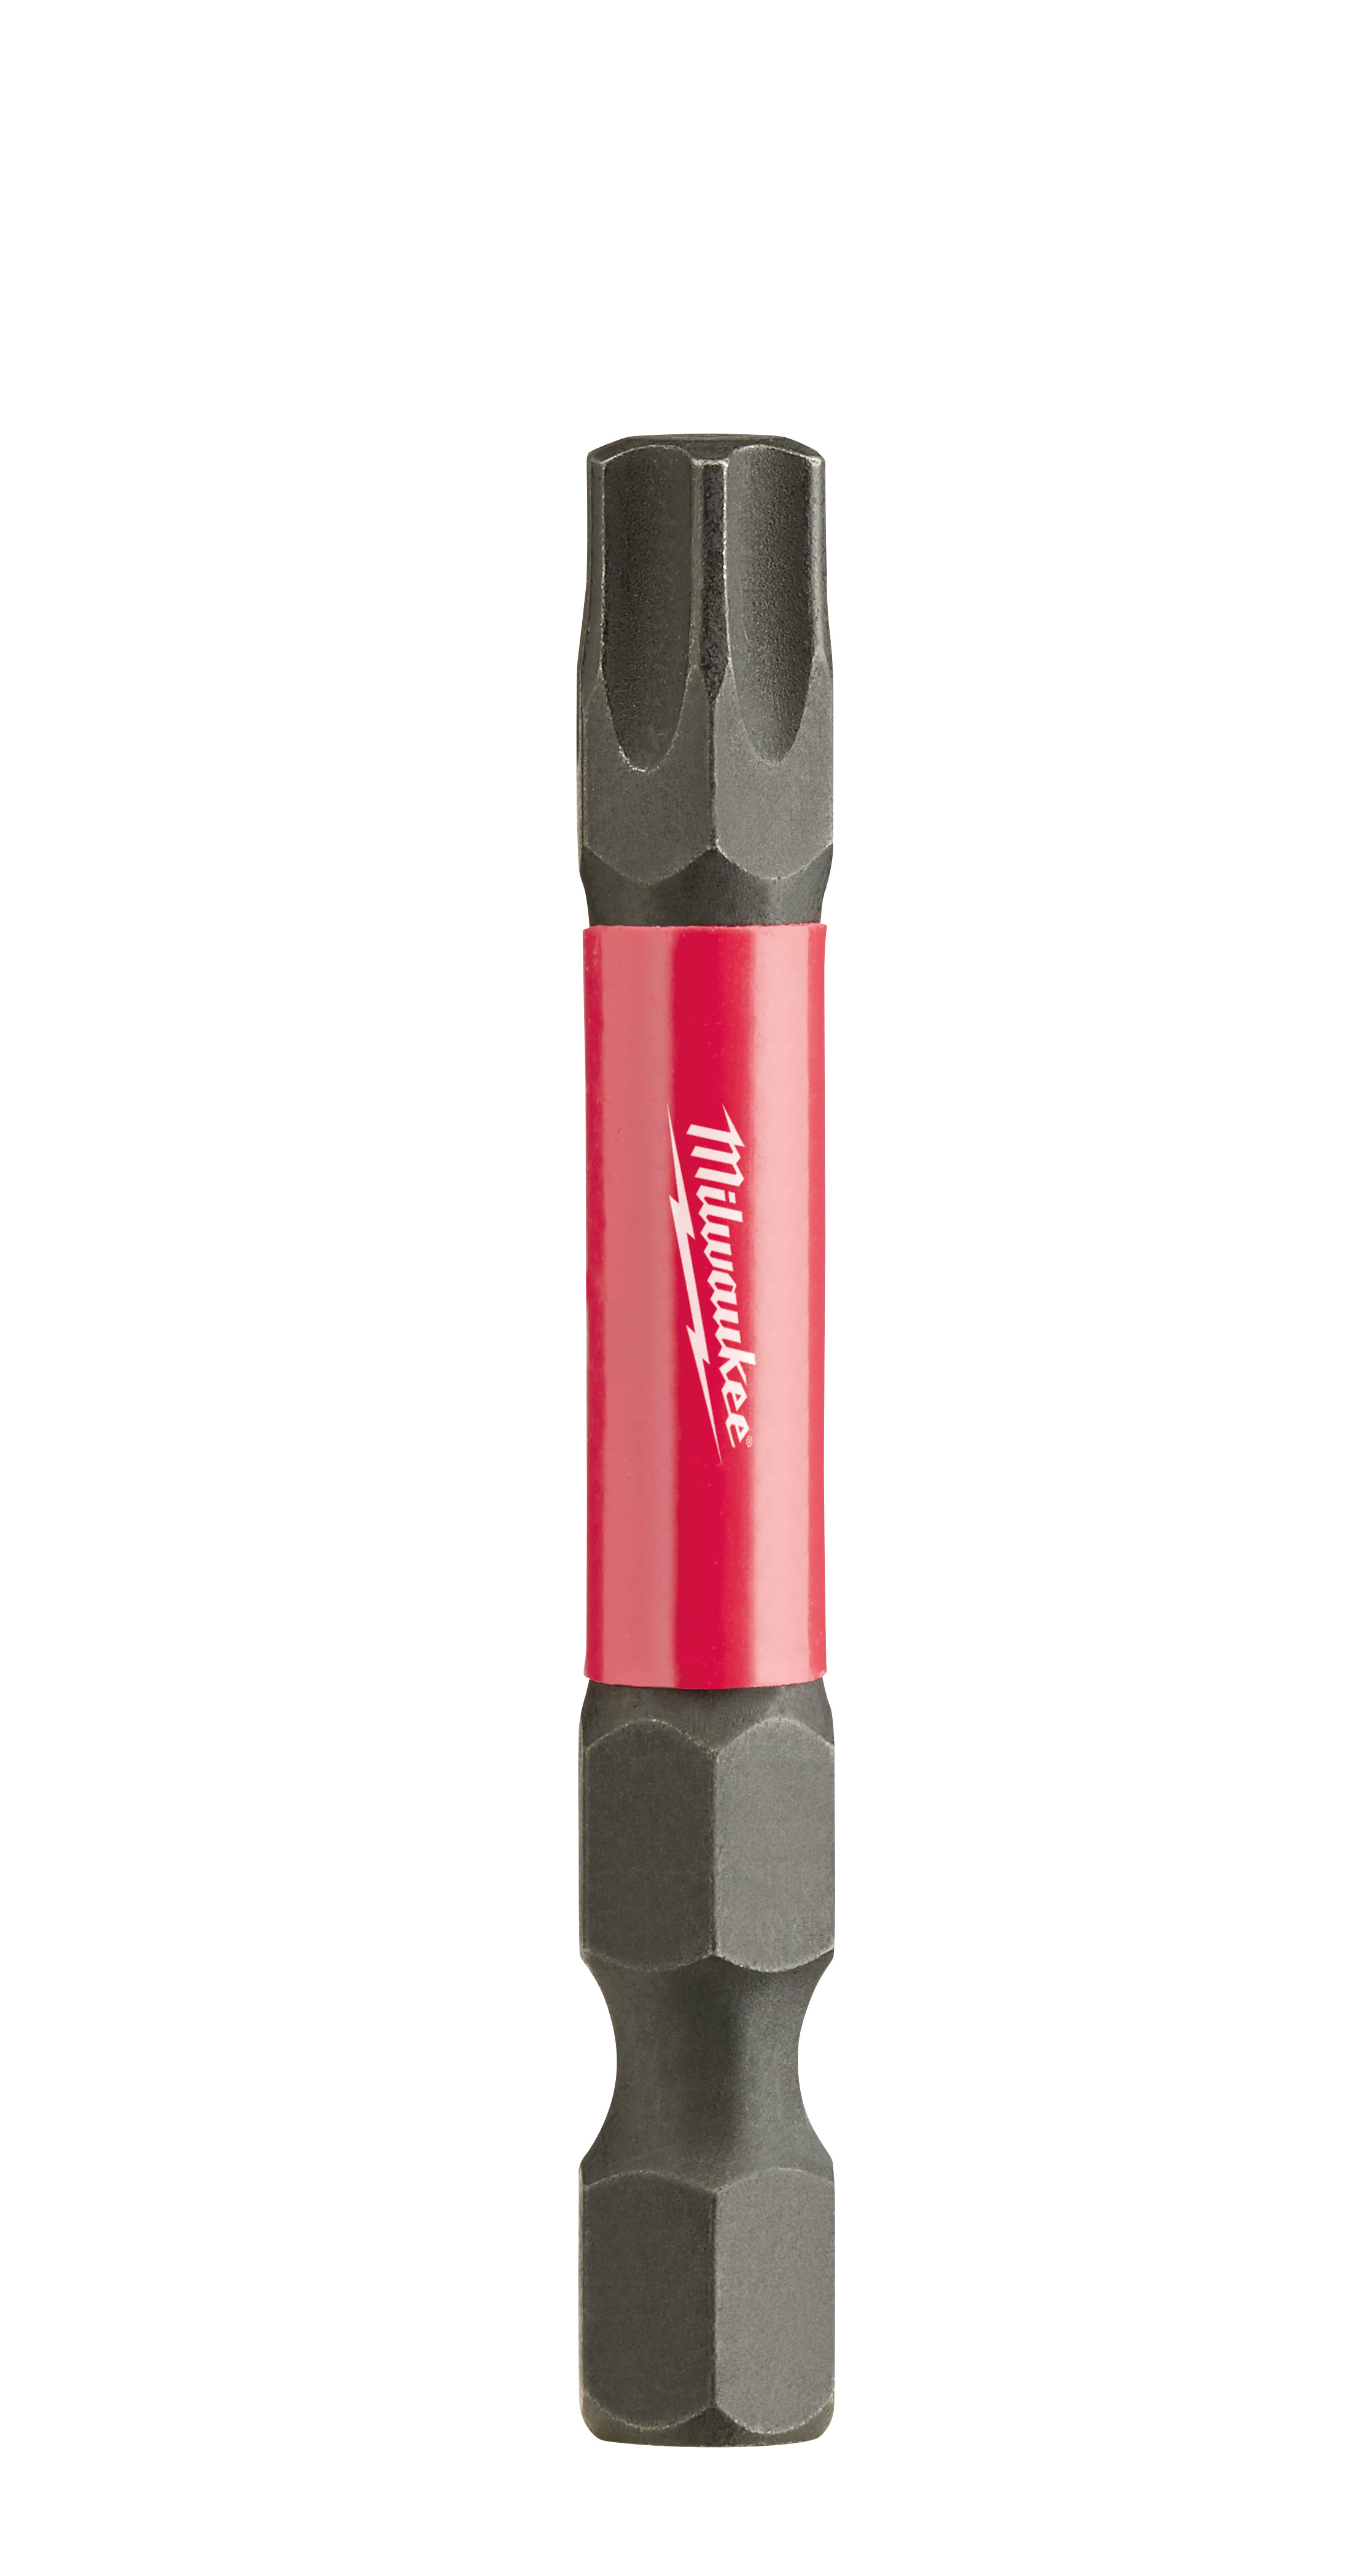 Milwaukee® SHOCKWAVE™ 48-32-4788 Impact Power Bit, T40 Torx® Point, 2 in OAL, 1/4 in, Steel